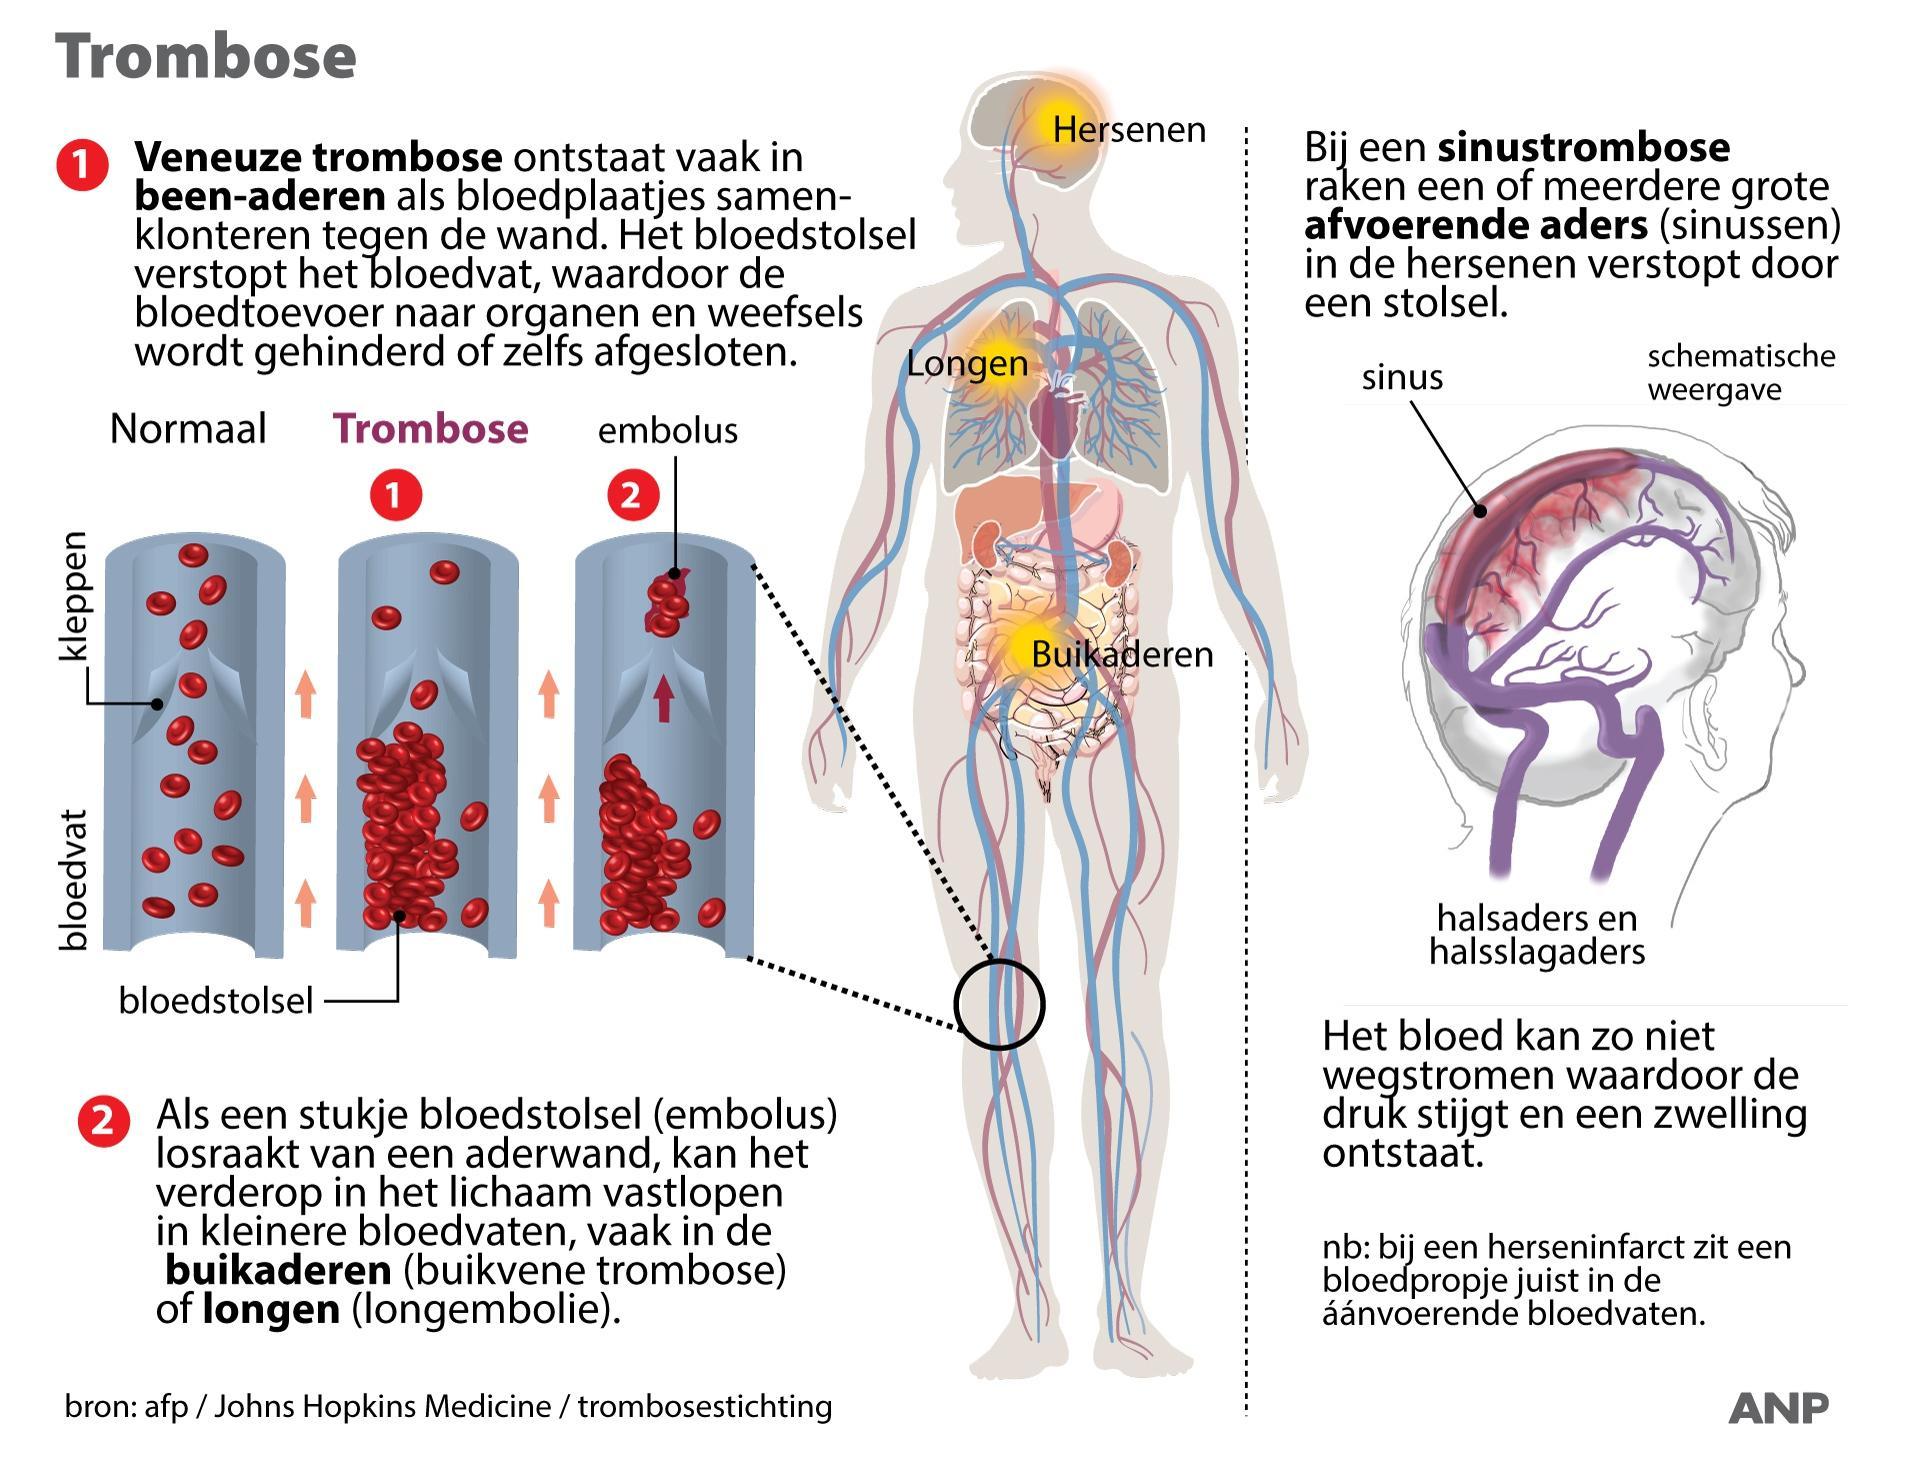 'Meer trombose door corona dan vaccinatie' en andere antwoorden over bloedstollingen